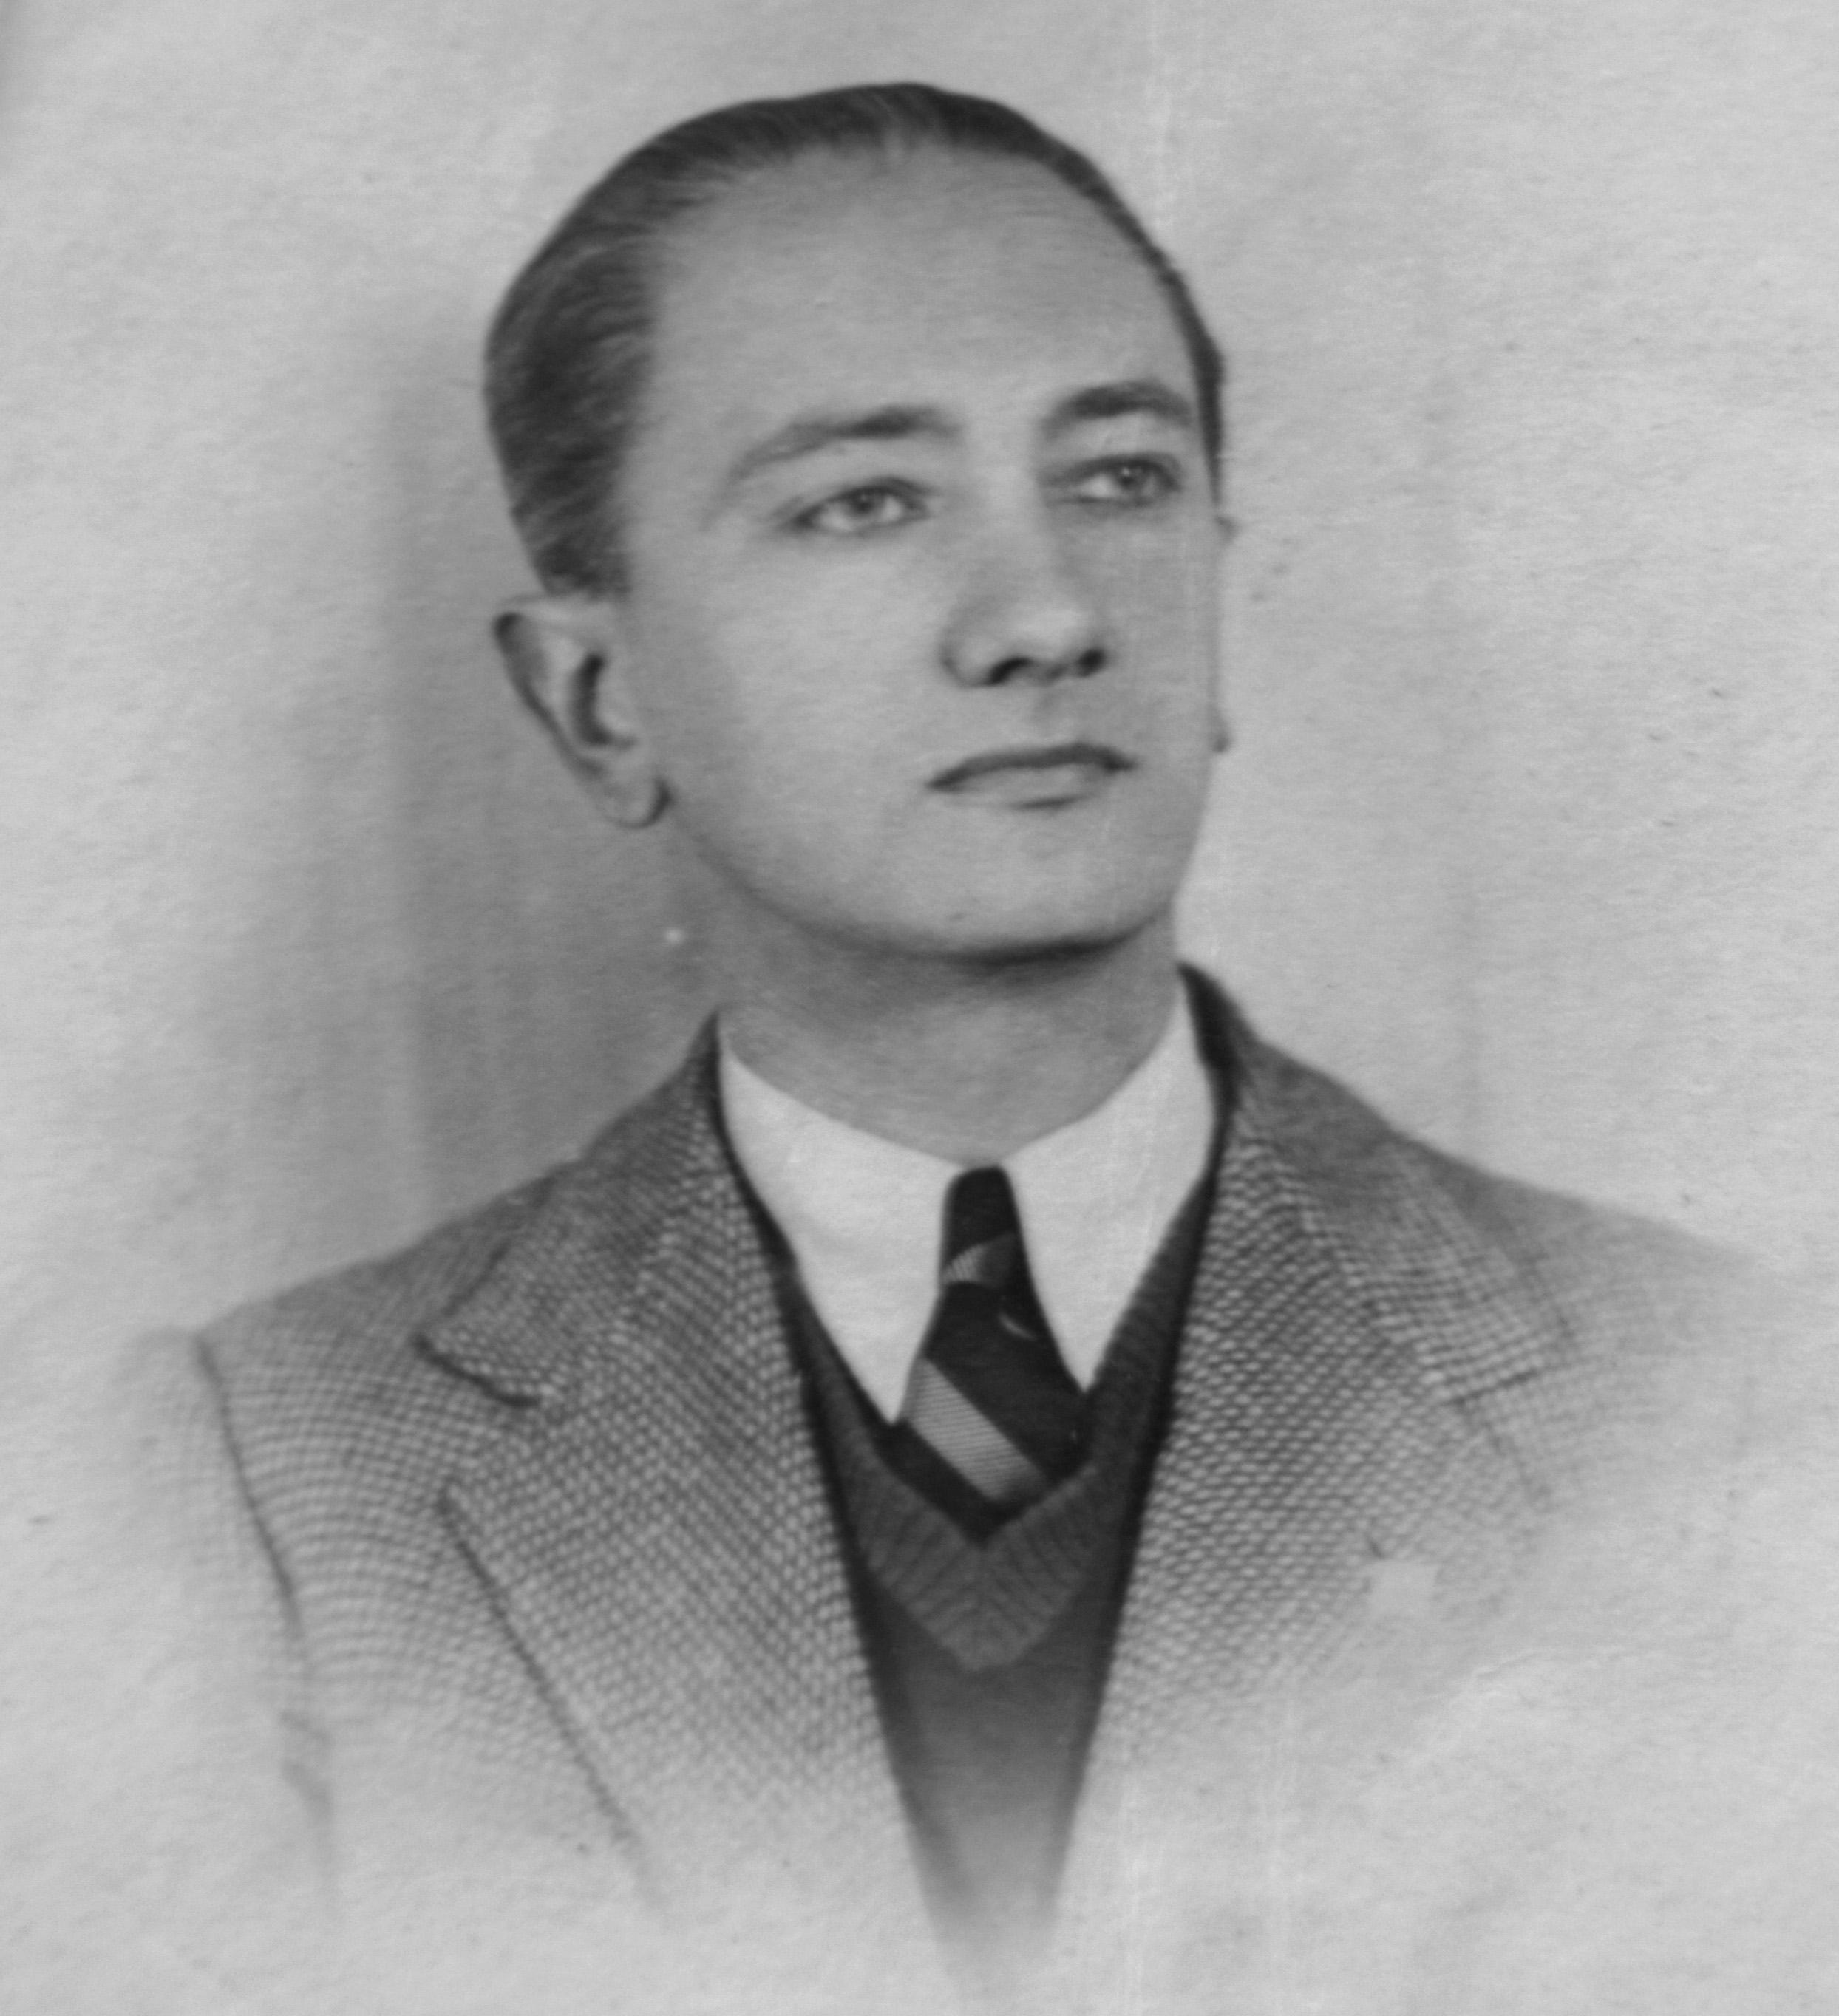 ADRIANO GALLI